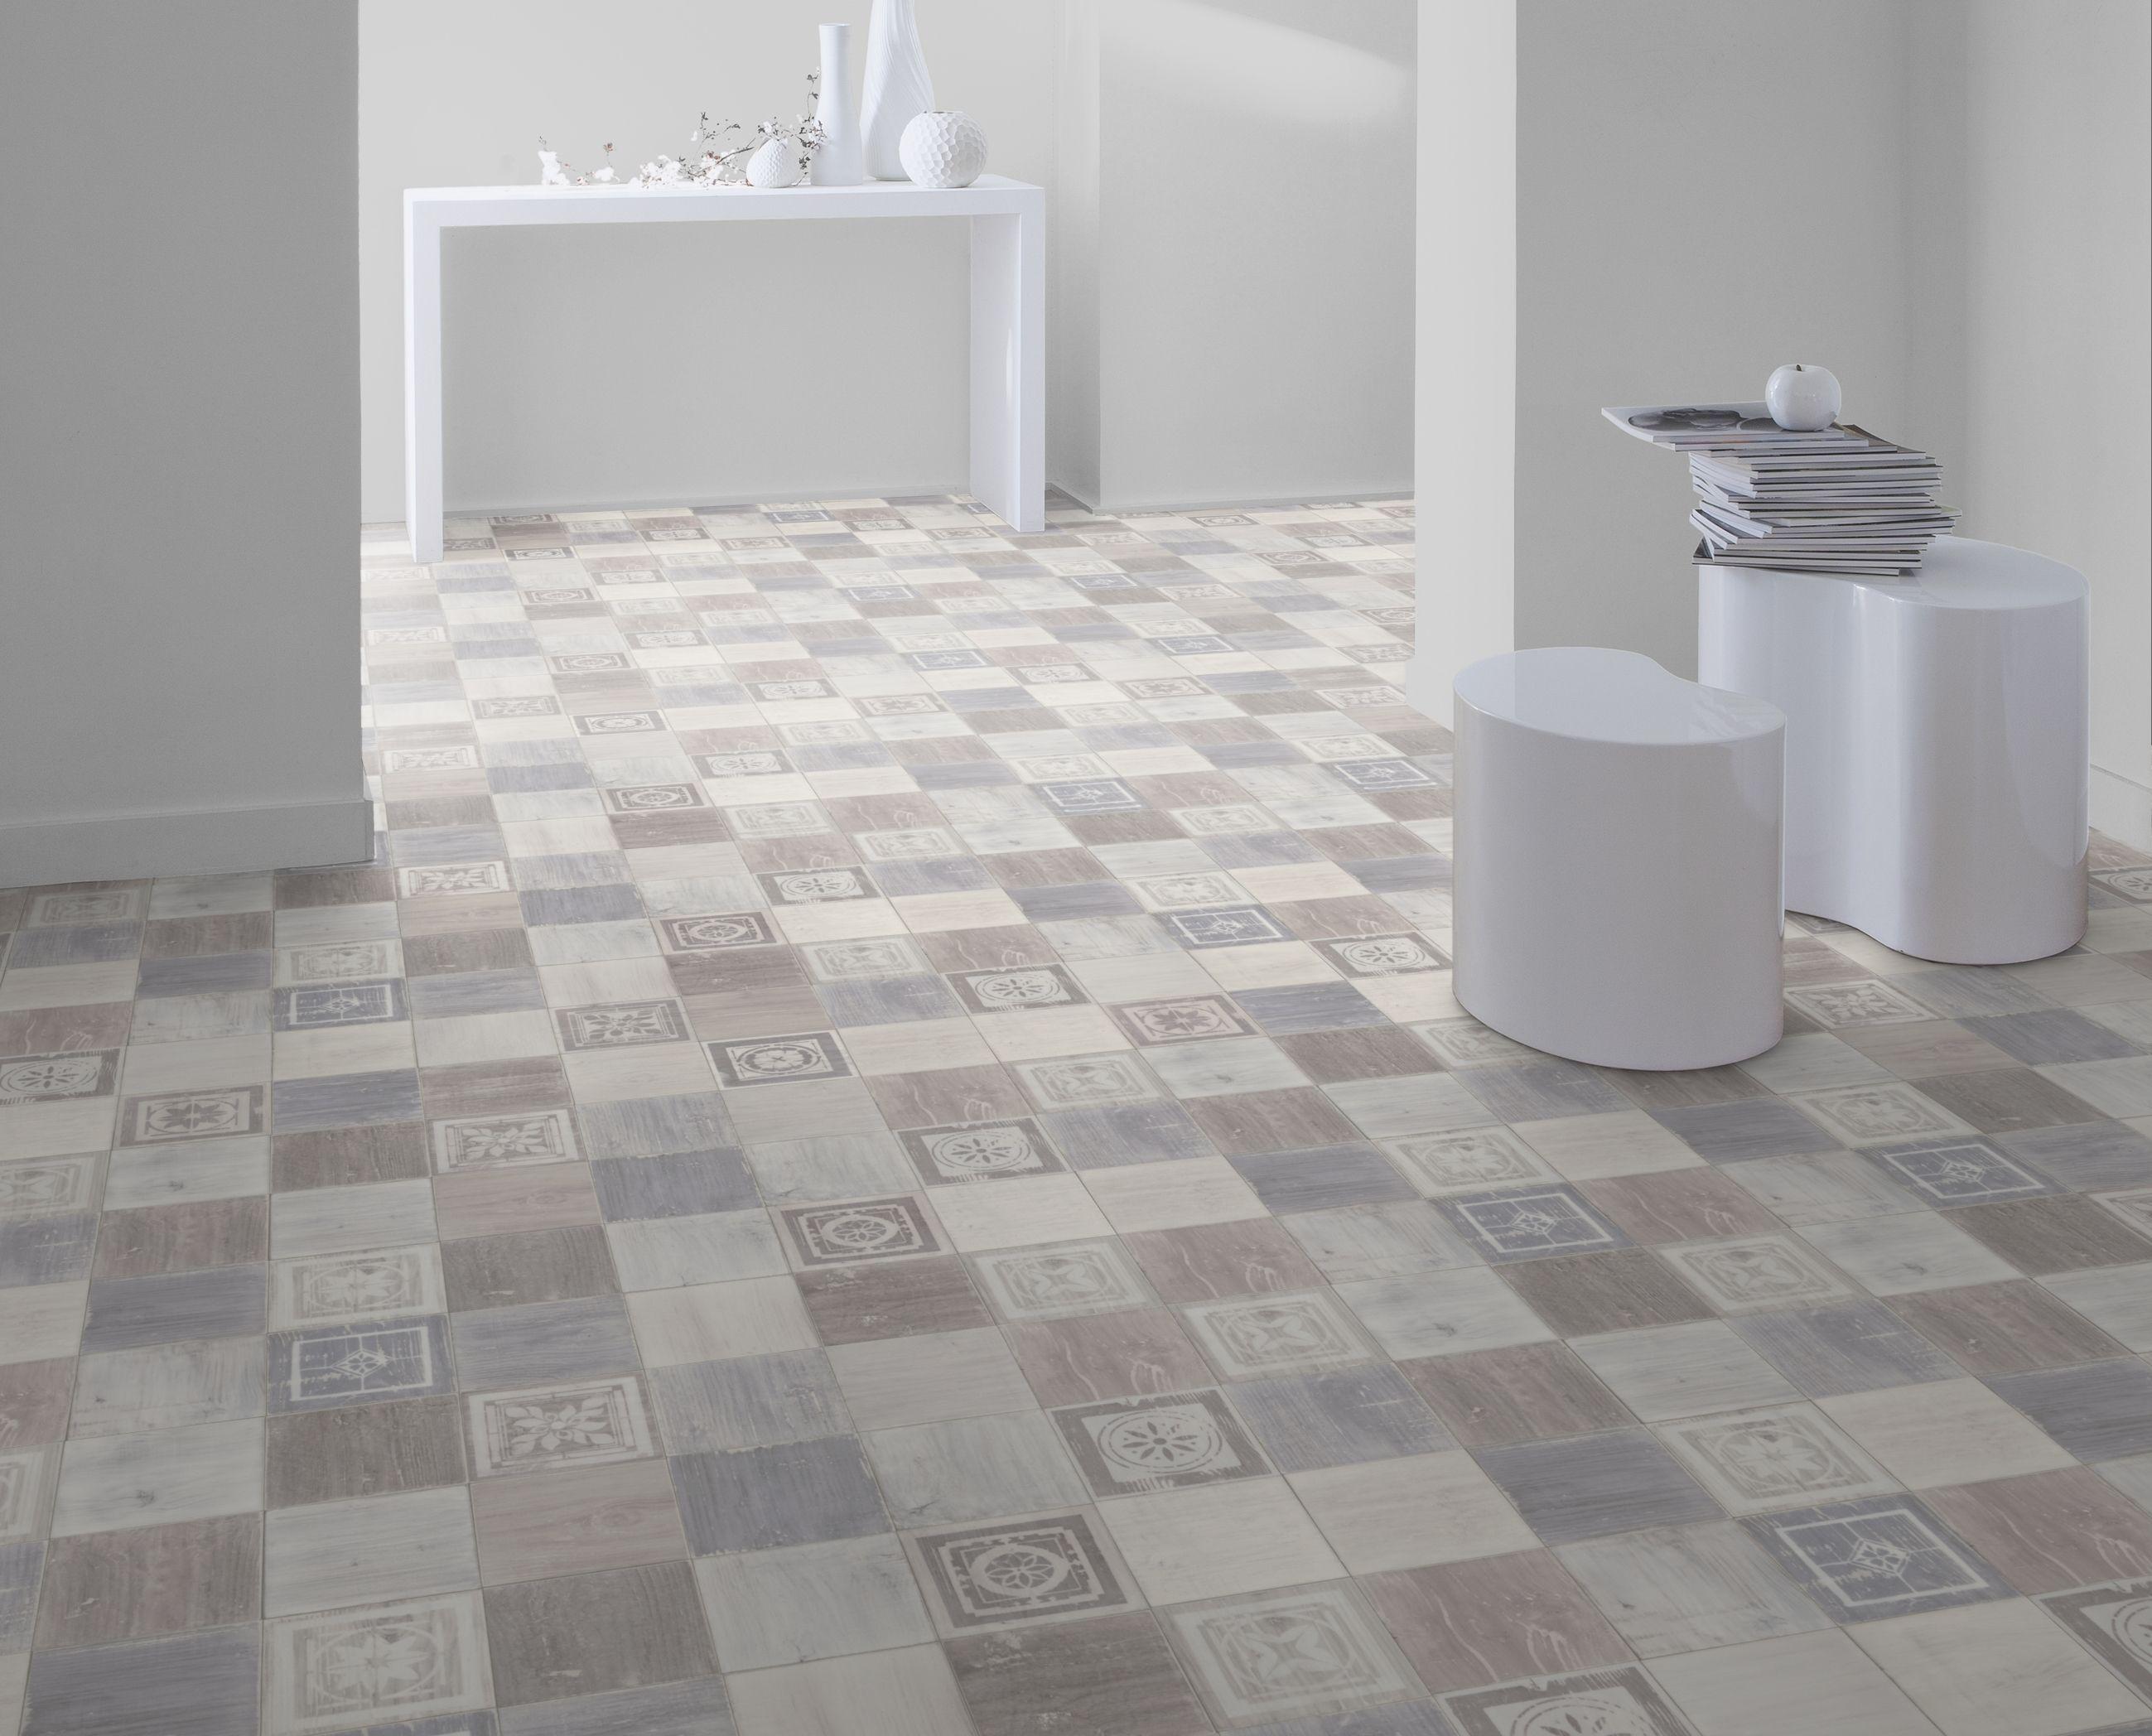 Vinyl Vloer Tegeldessin : Fado perla home comfort by gerflor vinyl floors pinterest